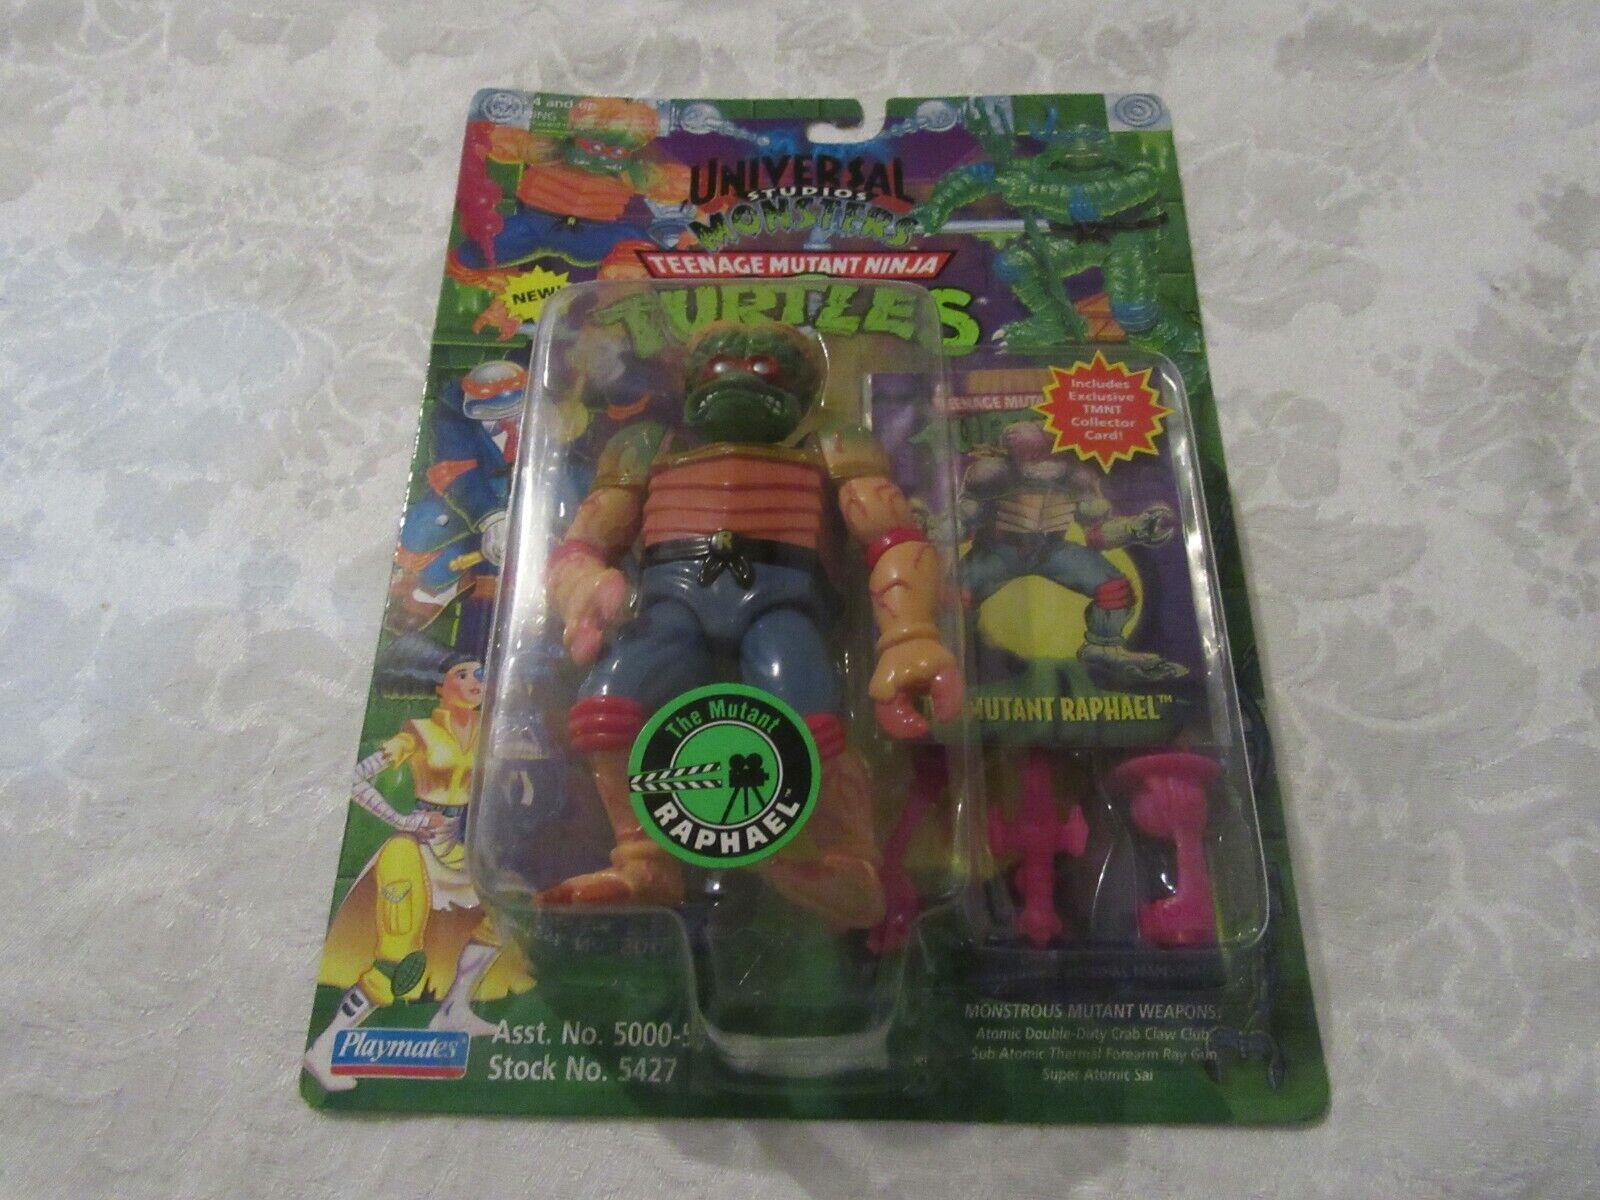 Tmnt Teenage Mutant Ninja Turtles Figura De Universal Studios los Mutantes Raphael